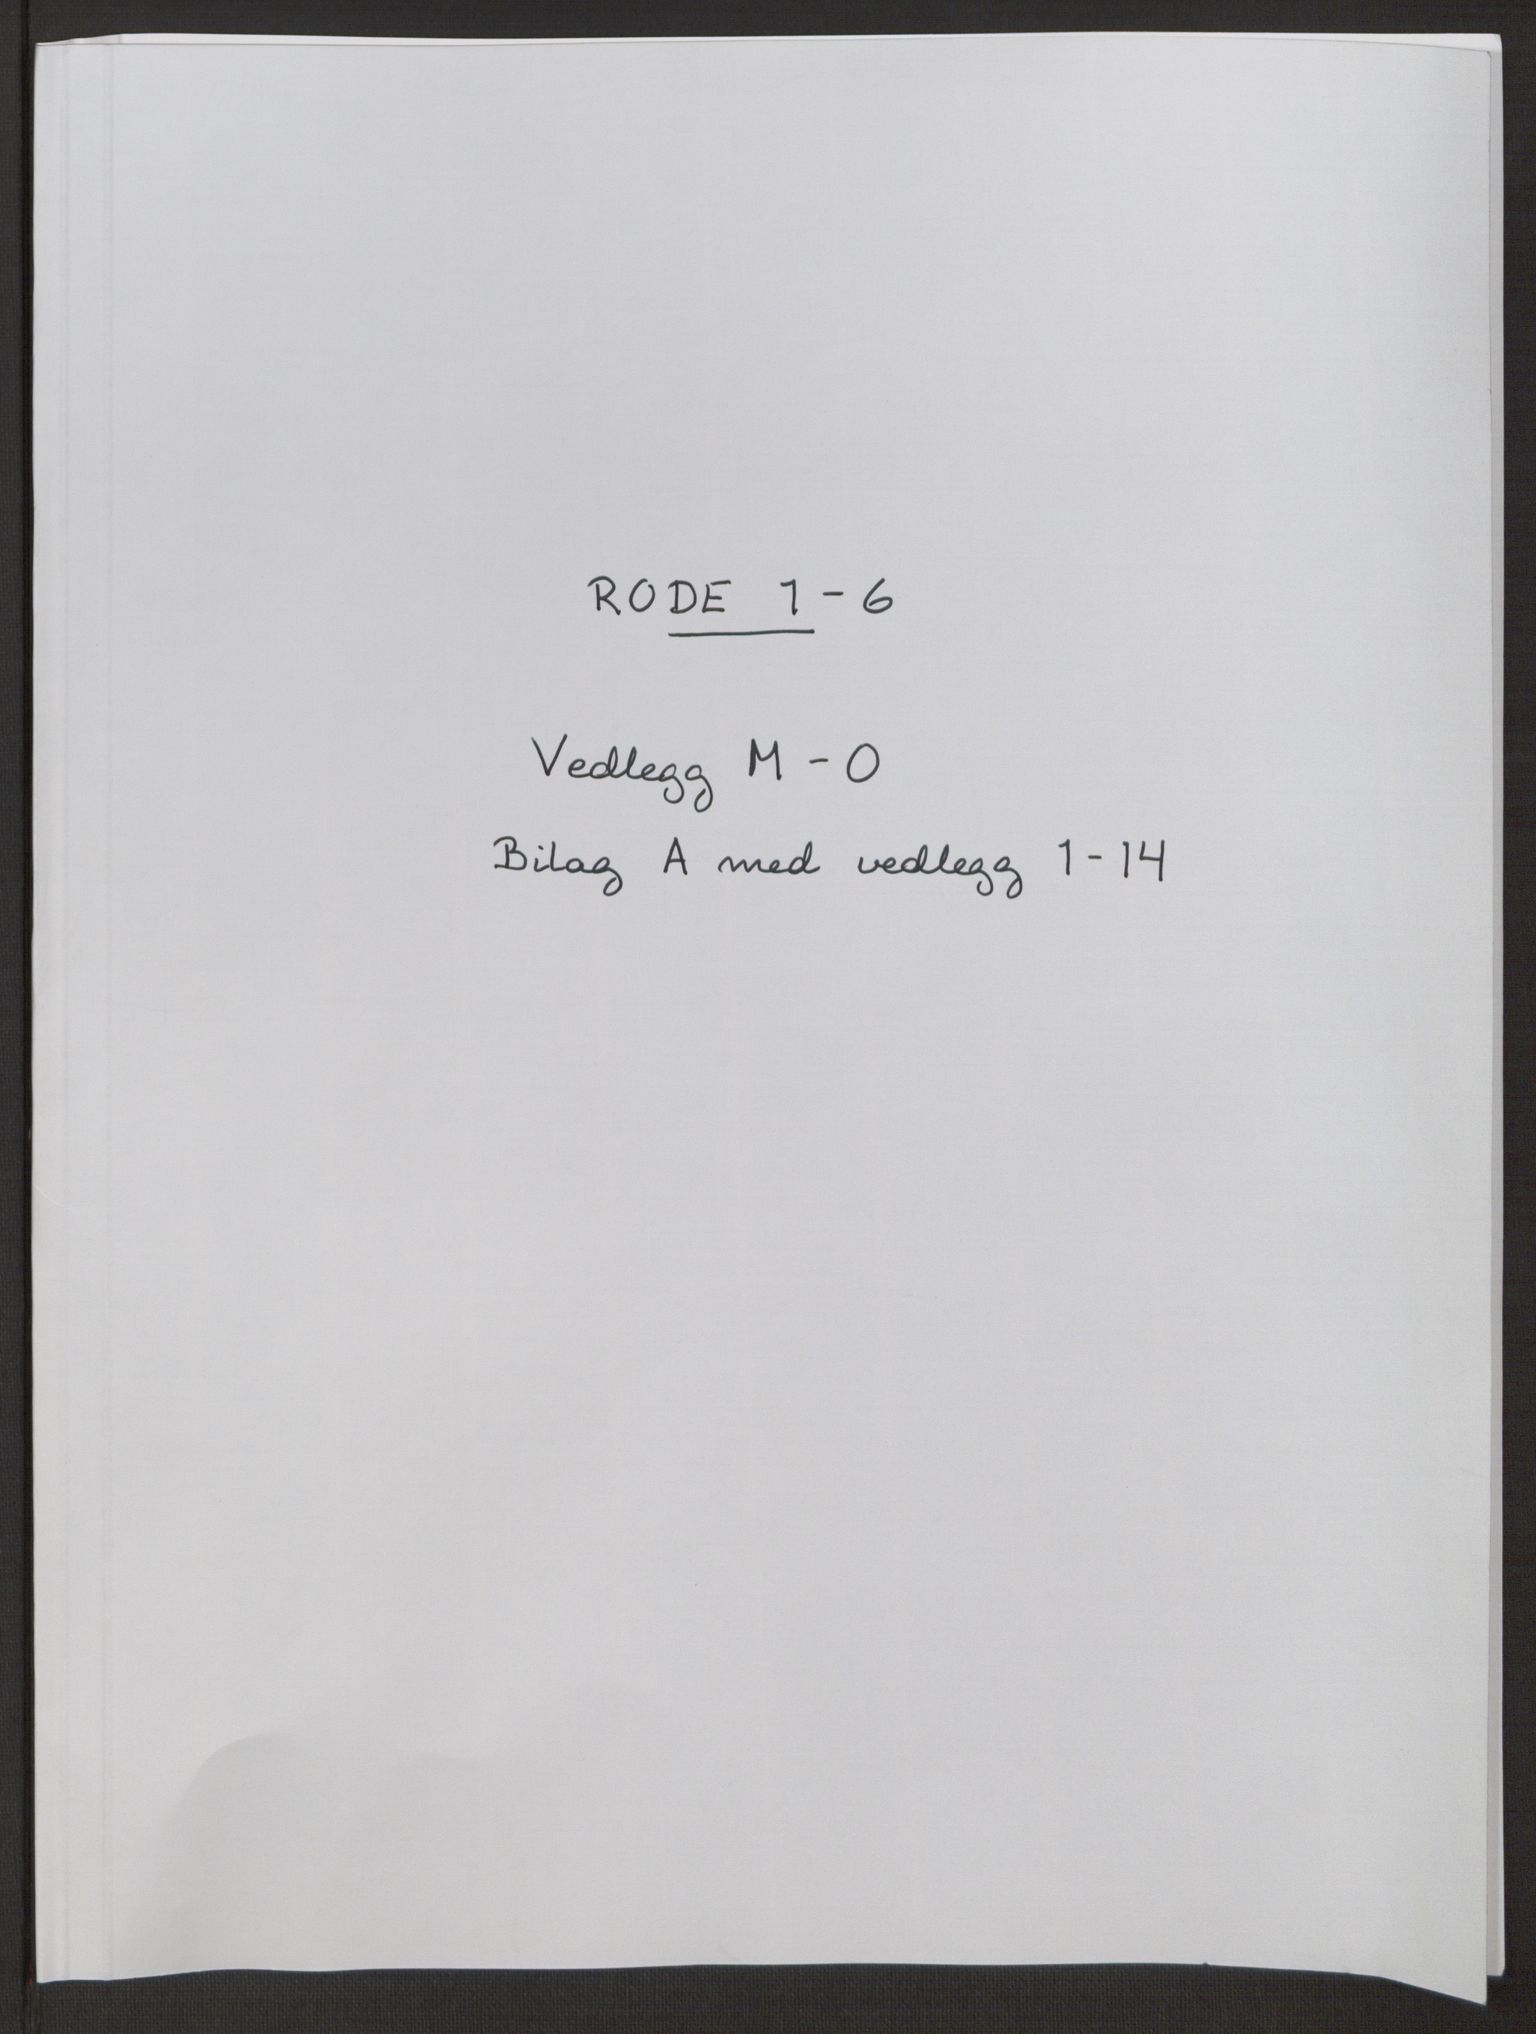 RA, Rentekammeret inntil 1814, Reviderte regnskaper, Byregnskaper, R/Rp/L0366: [P20] Kontribusjonsregnskap, 1763, s. 239